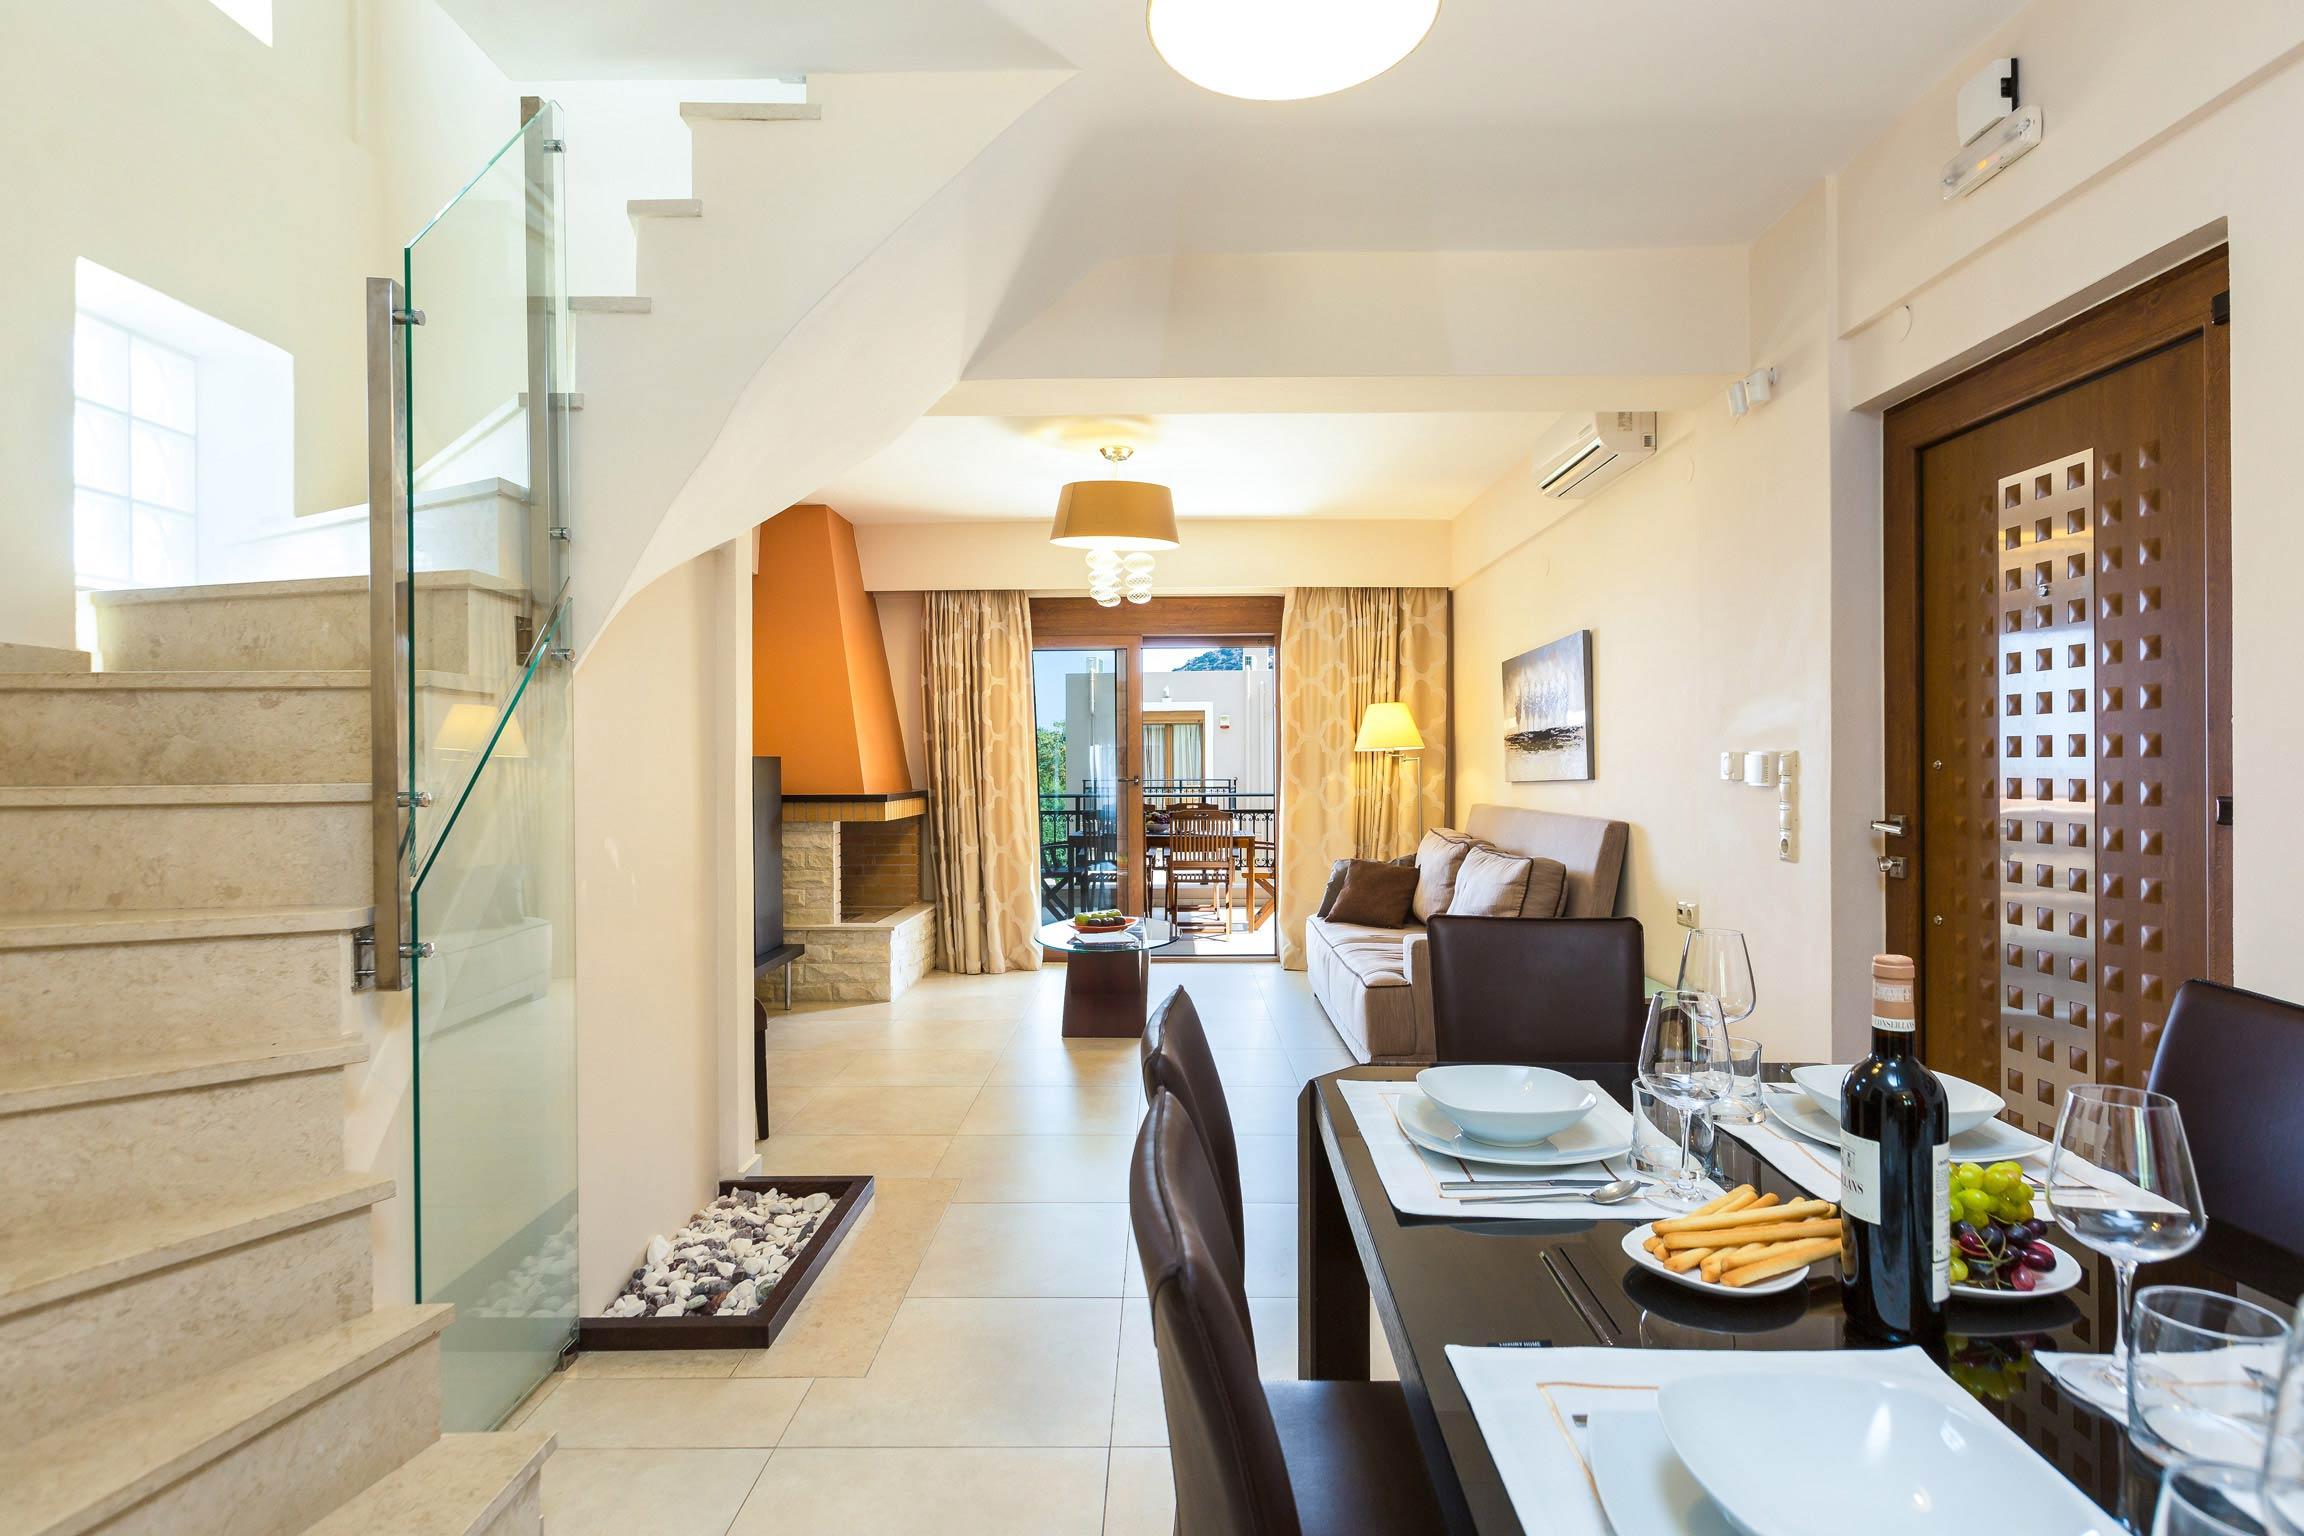 Ferienhaus Diese Villa auf zwei Ebenen ist der perfekte Ort, um in Rethymnon auf Kreta weh zu bleiben (2623387), Roumeli, Kreta Nordküste, Kreta, Griechenland, Bild 18